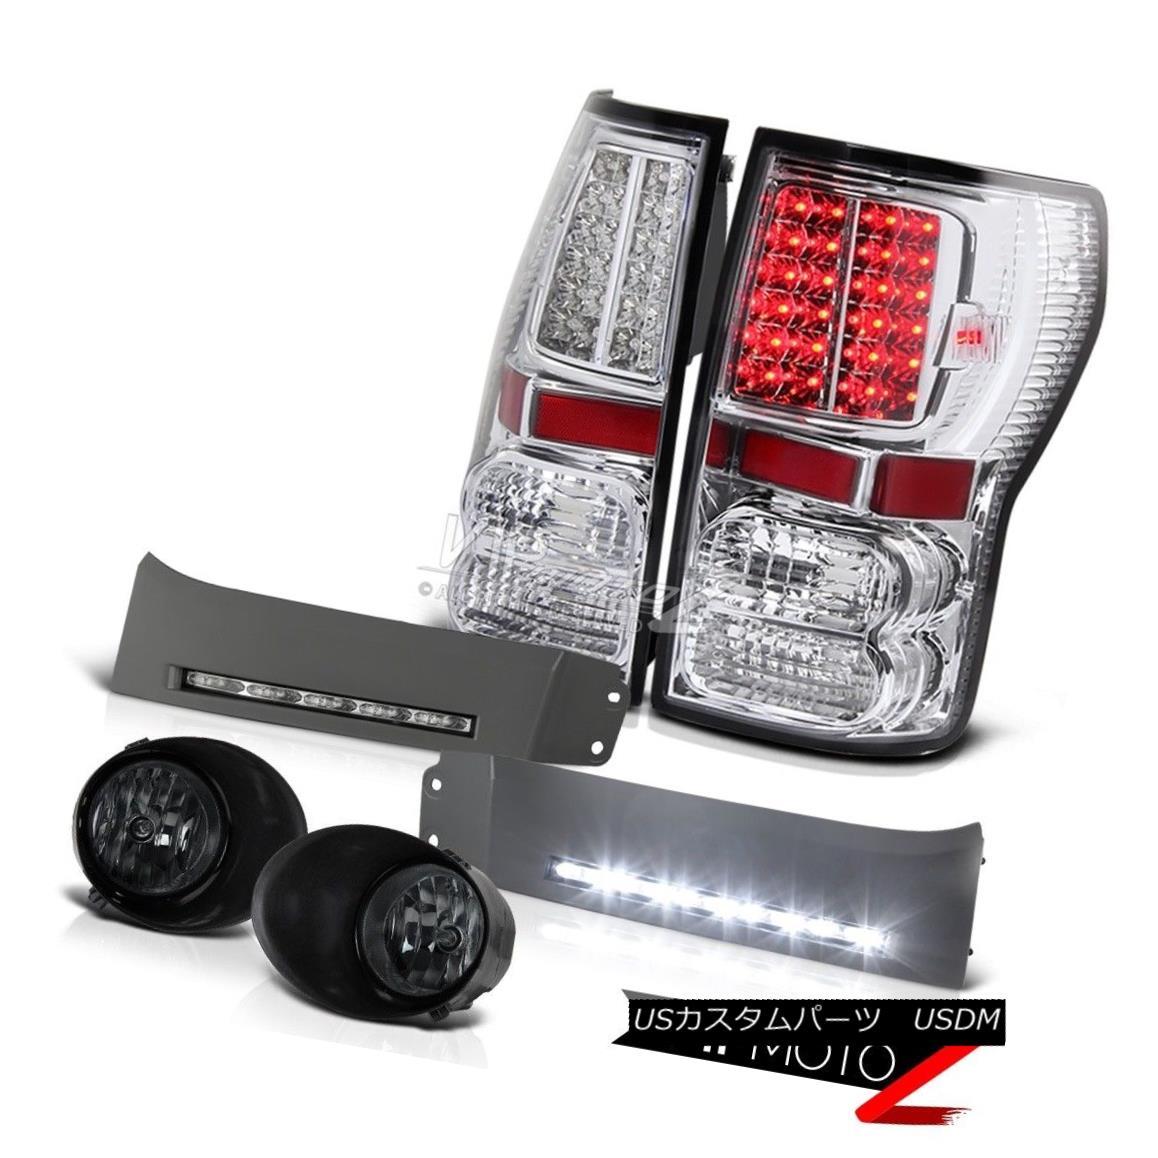 テールライト 07 08 09 10 11 12 13 Tundra V8 4.6L LED Tail Lights Smoke Foglight DRL Fog SMD 07 08 09 10 11 12 13トンドラV8 4.6L LEDテールライトスモークフォグライトDRLフォグSMD